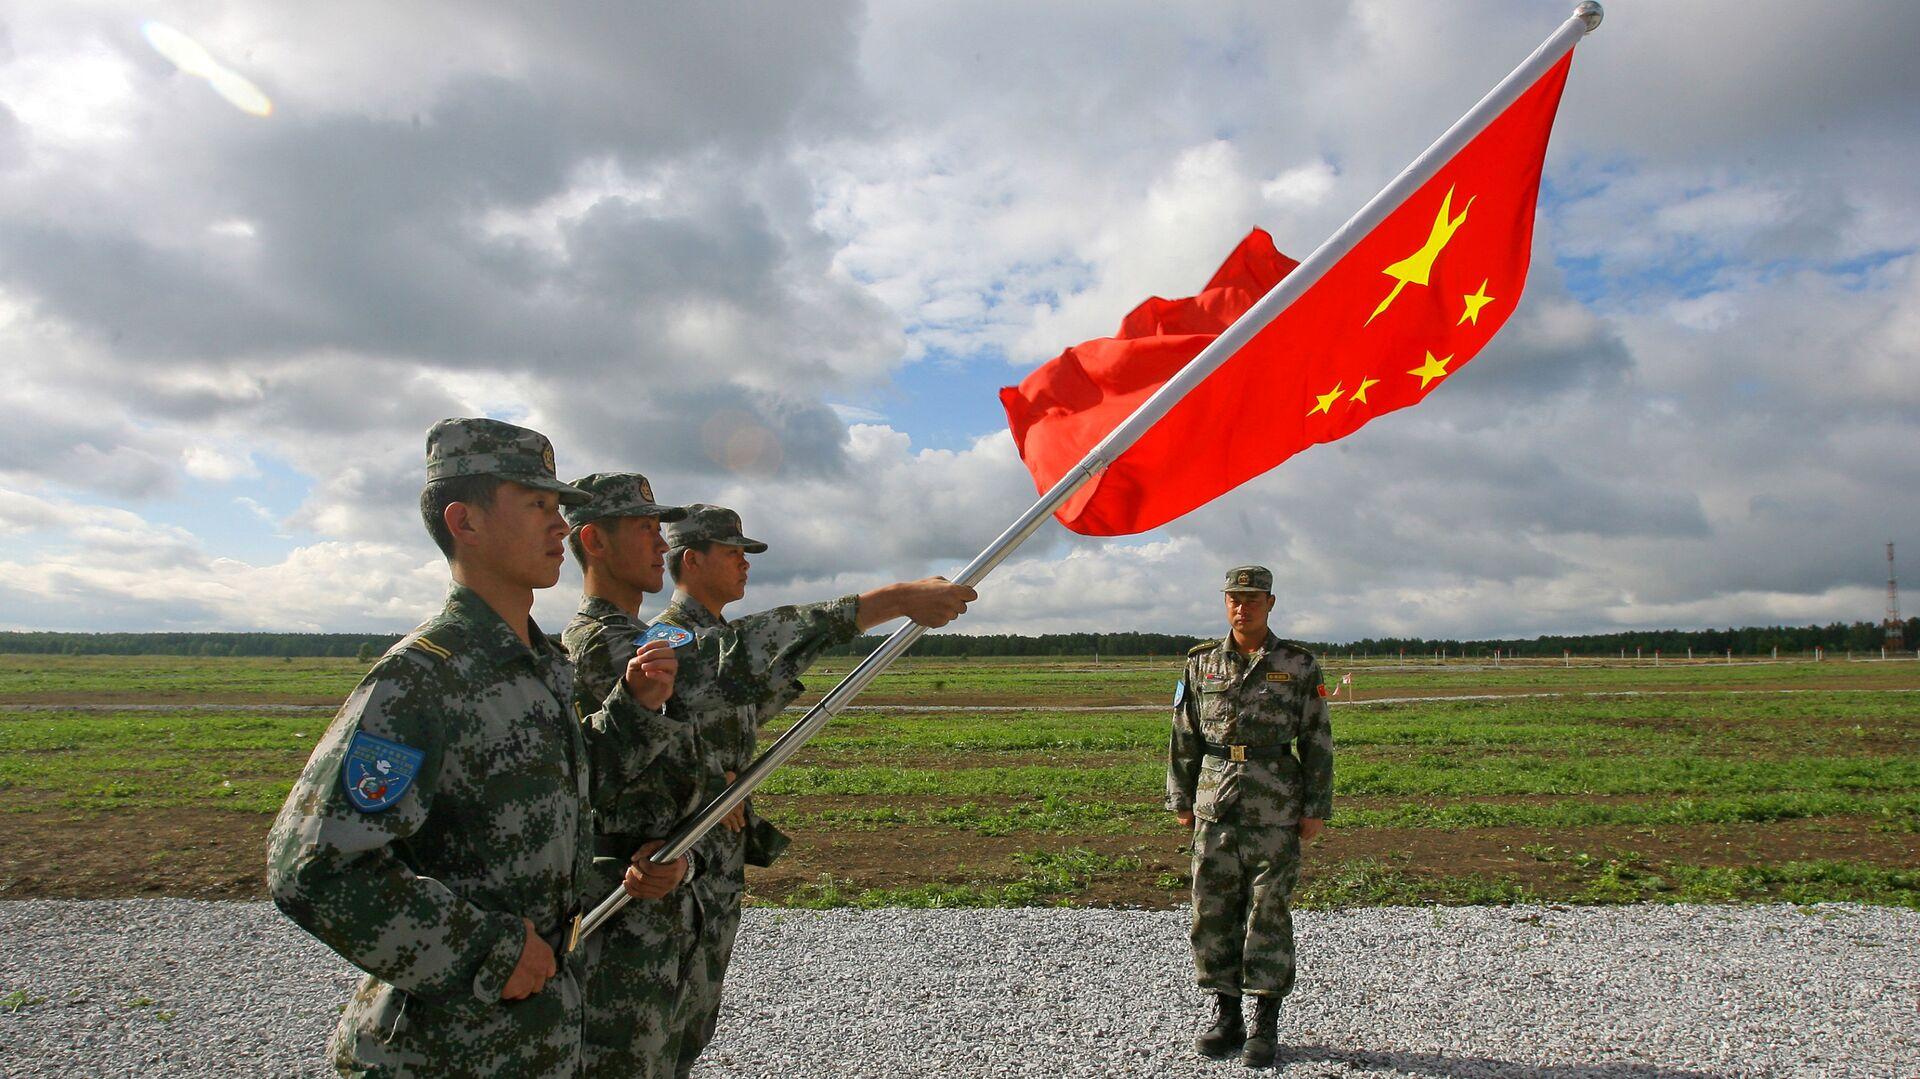 Militares del Ejército Popular de Liberación con la bandera de China  - Sputnik Mundo, 1920, 26.09.2021